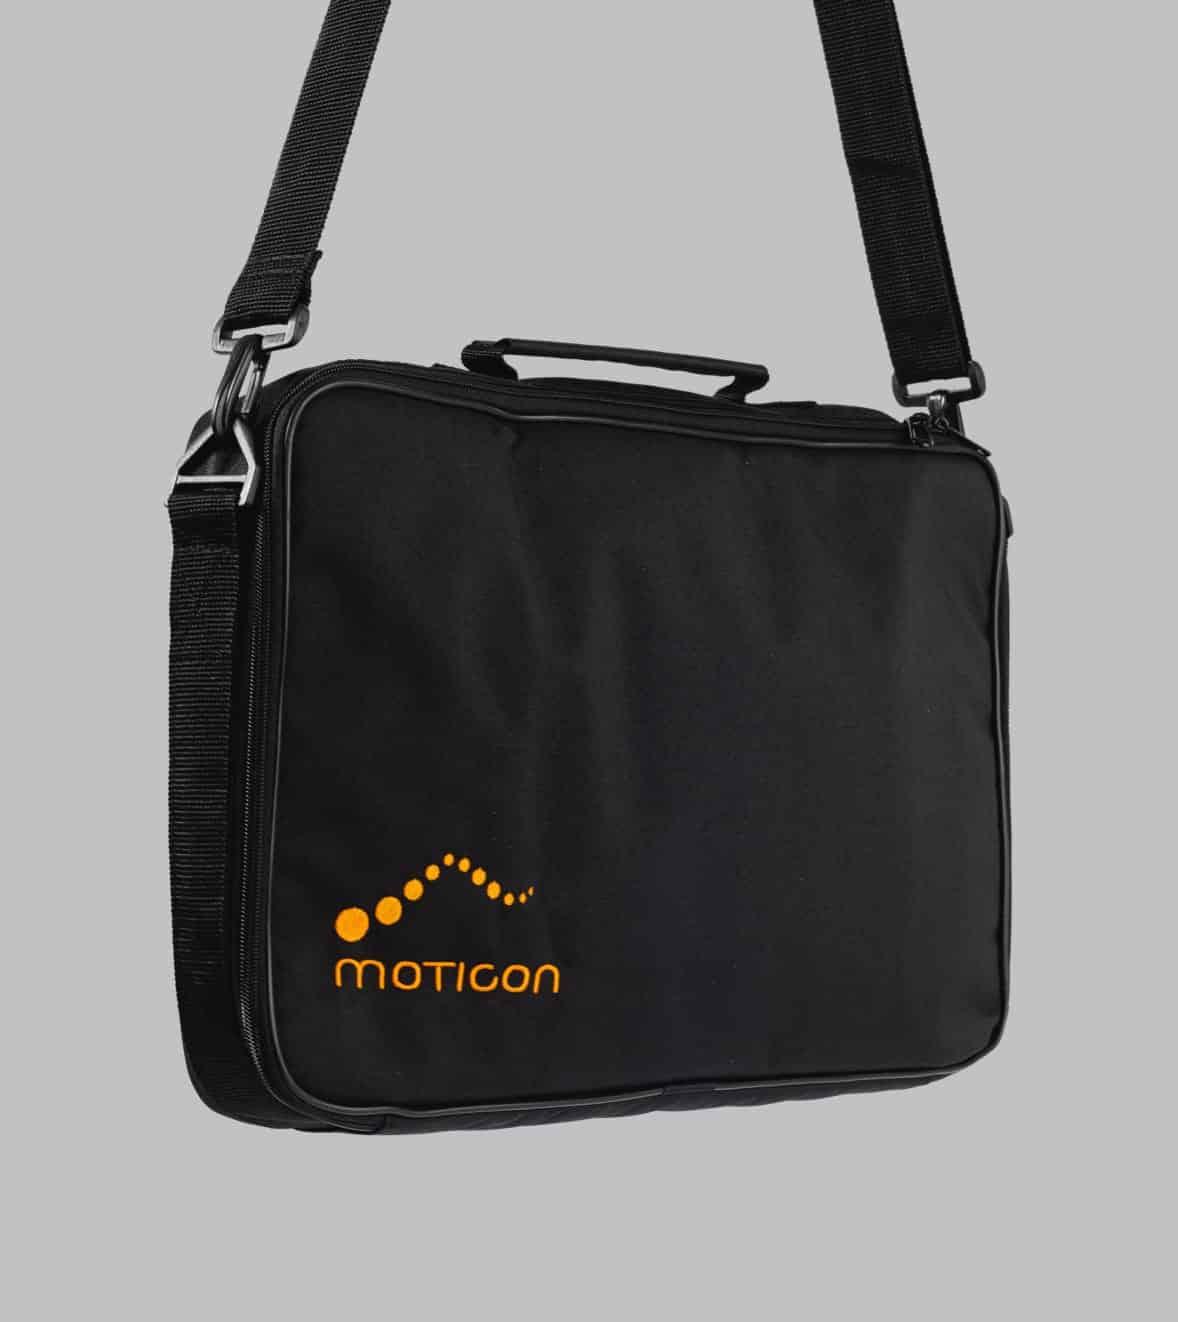 moticon-opengo-accessories